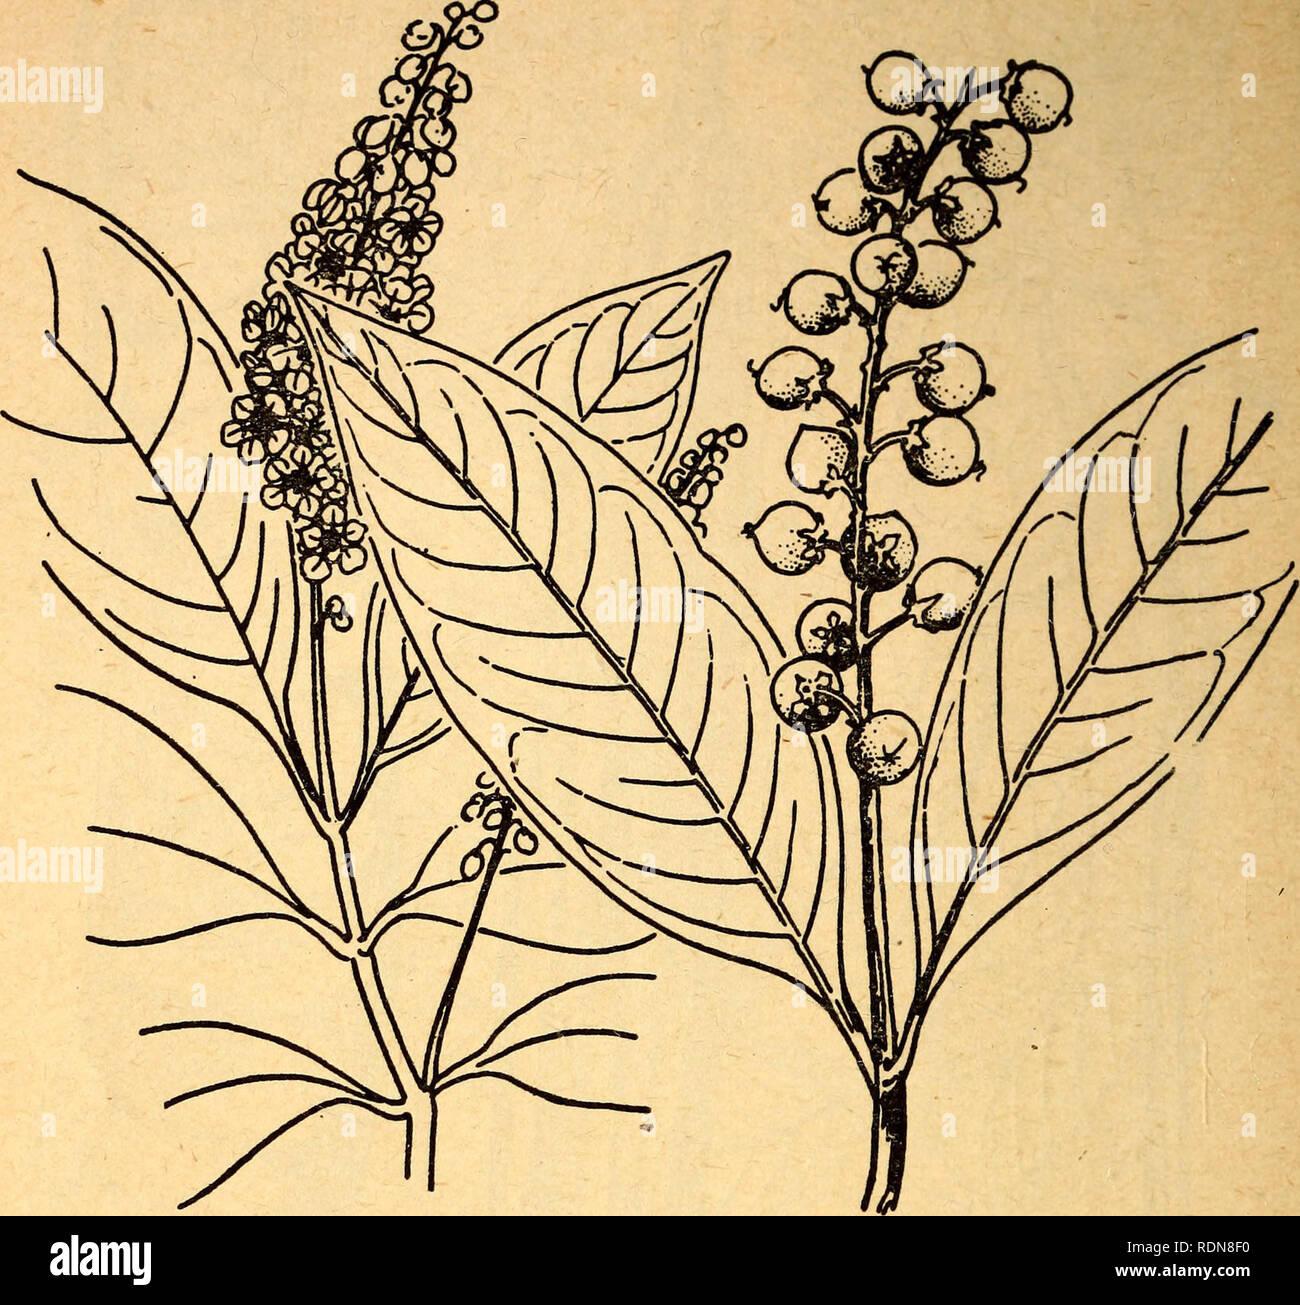 Plantas Venenosas Y Comestibles De La Región Del Caribe Las Plantas